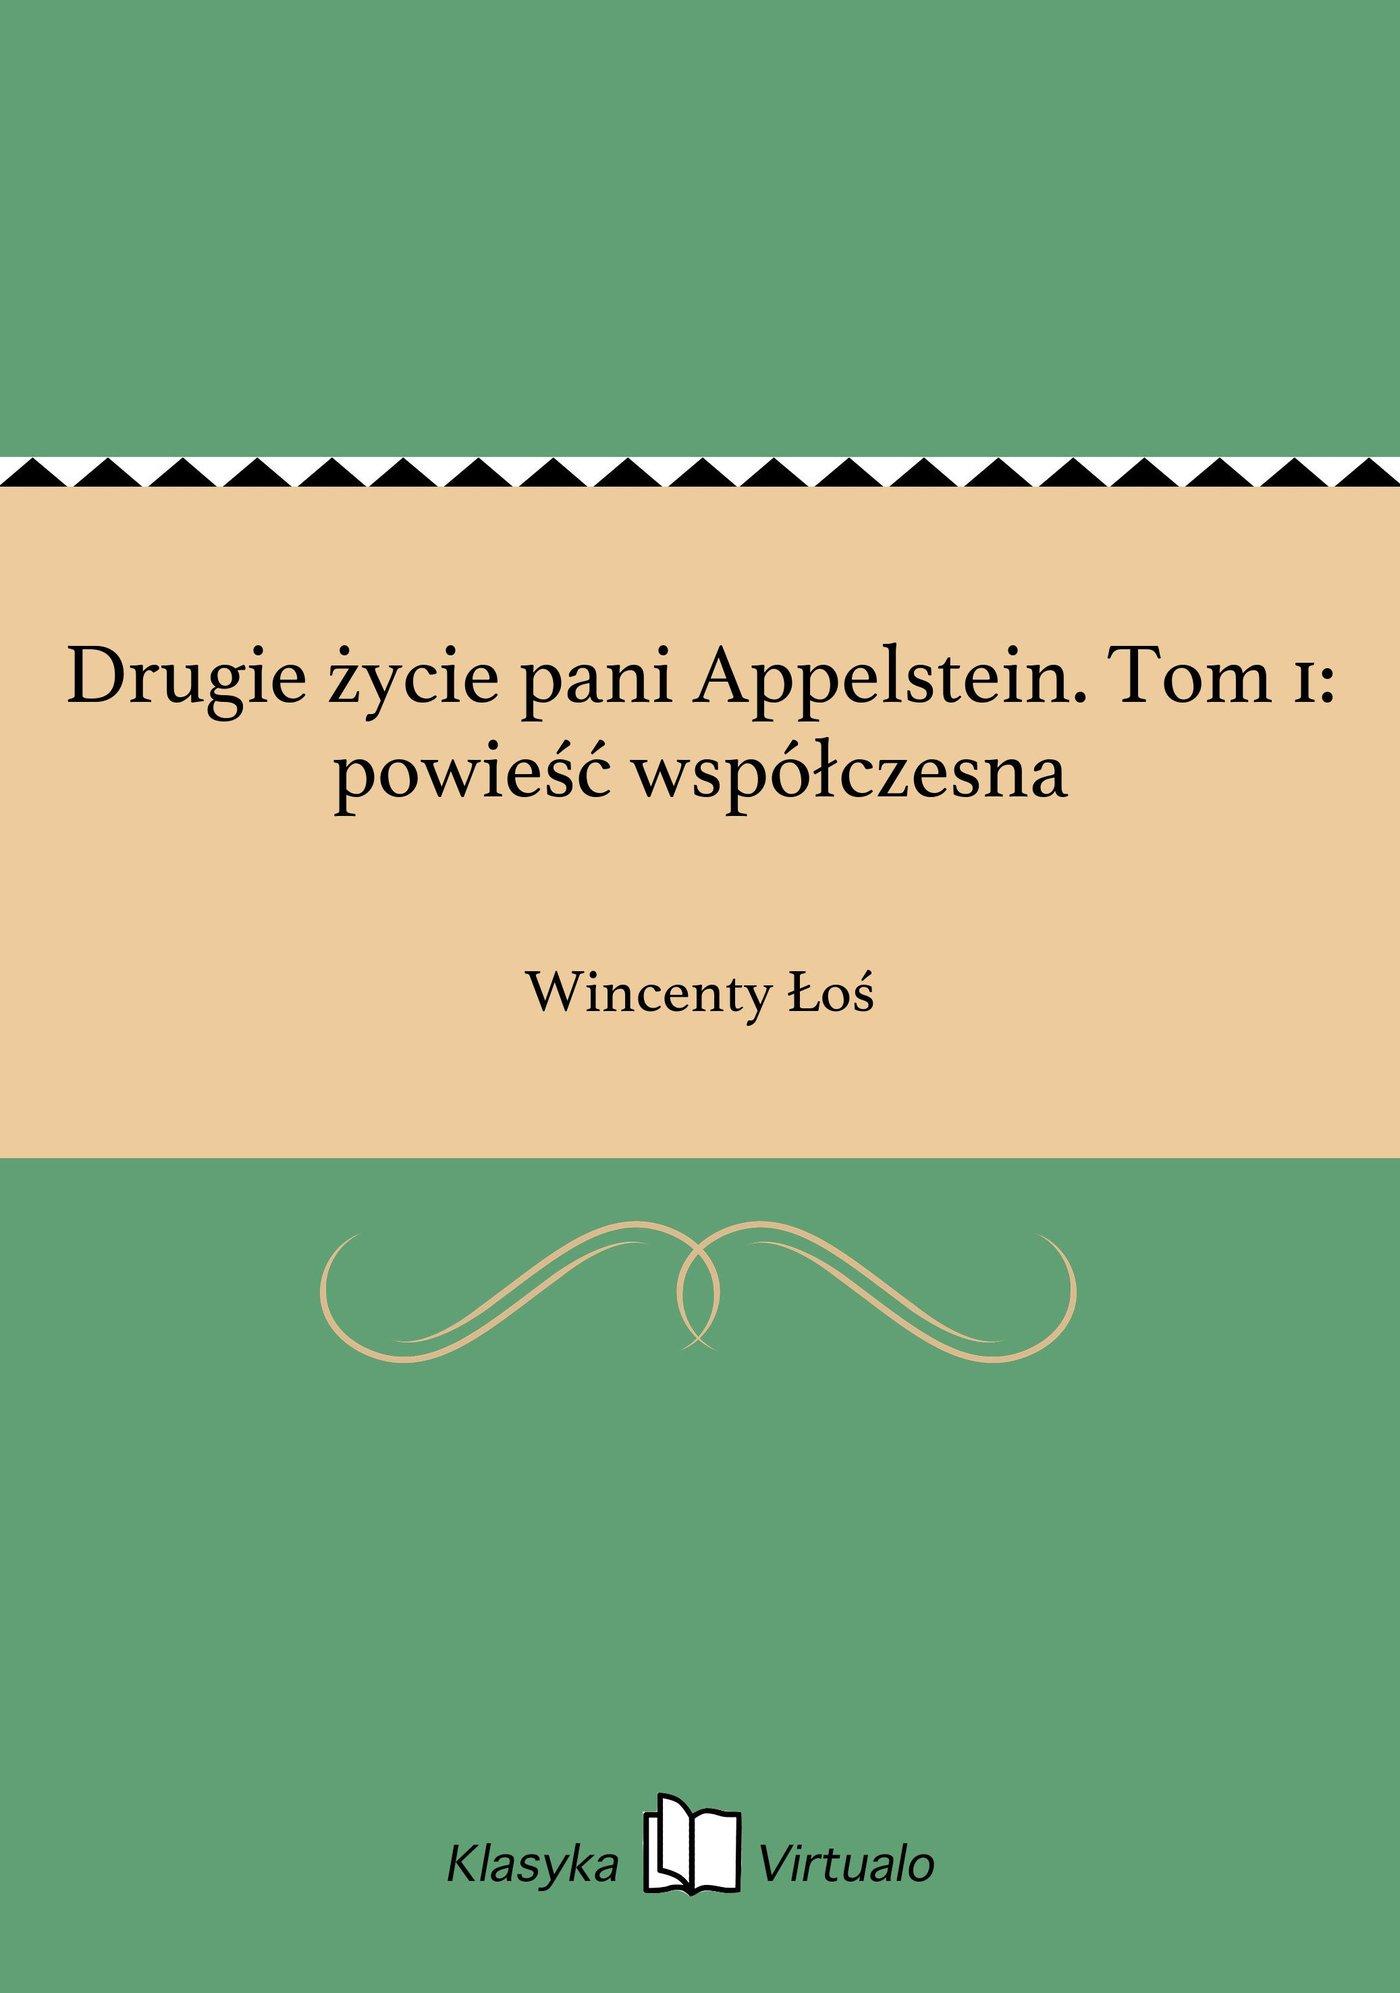 Drugie życie pani Appelstein. Tom 1: powieść współczesna - Ebook (Książka EPUB) do pobrania w formacie EPUB